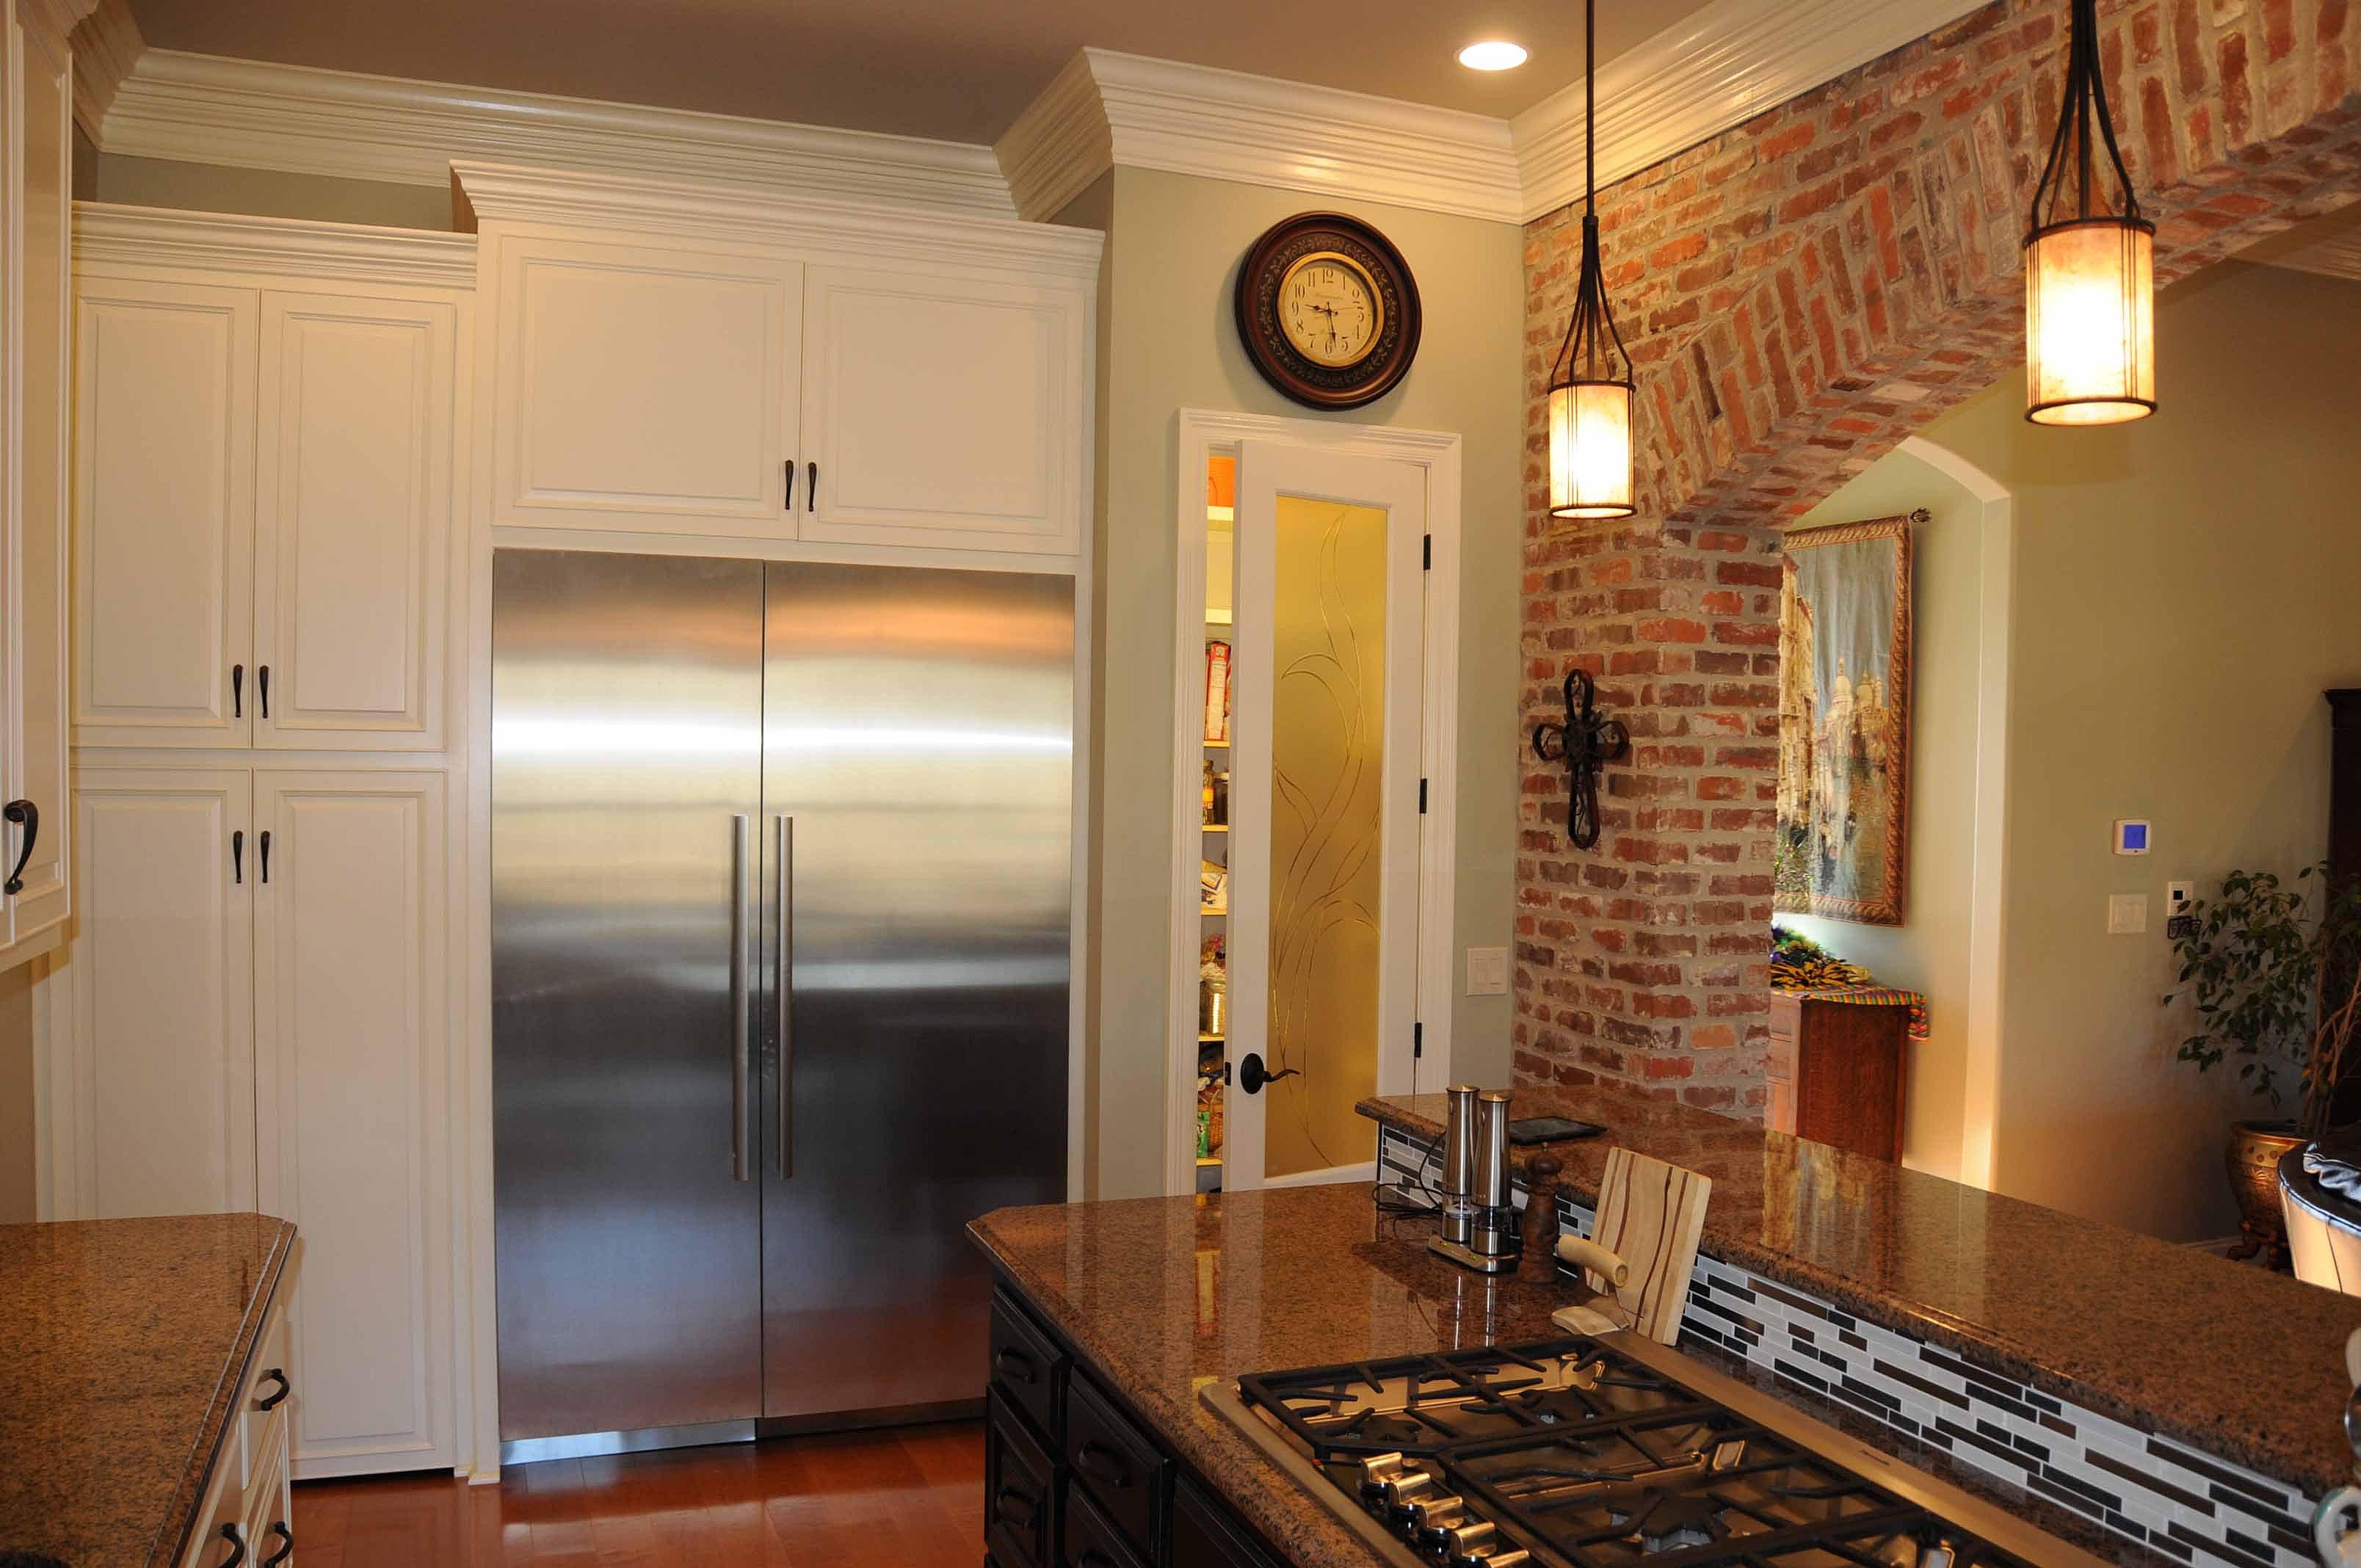 kitchen - Madden Home Designs